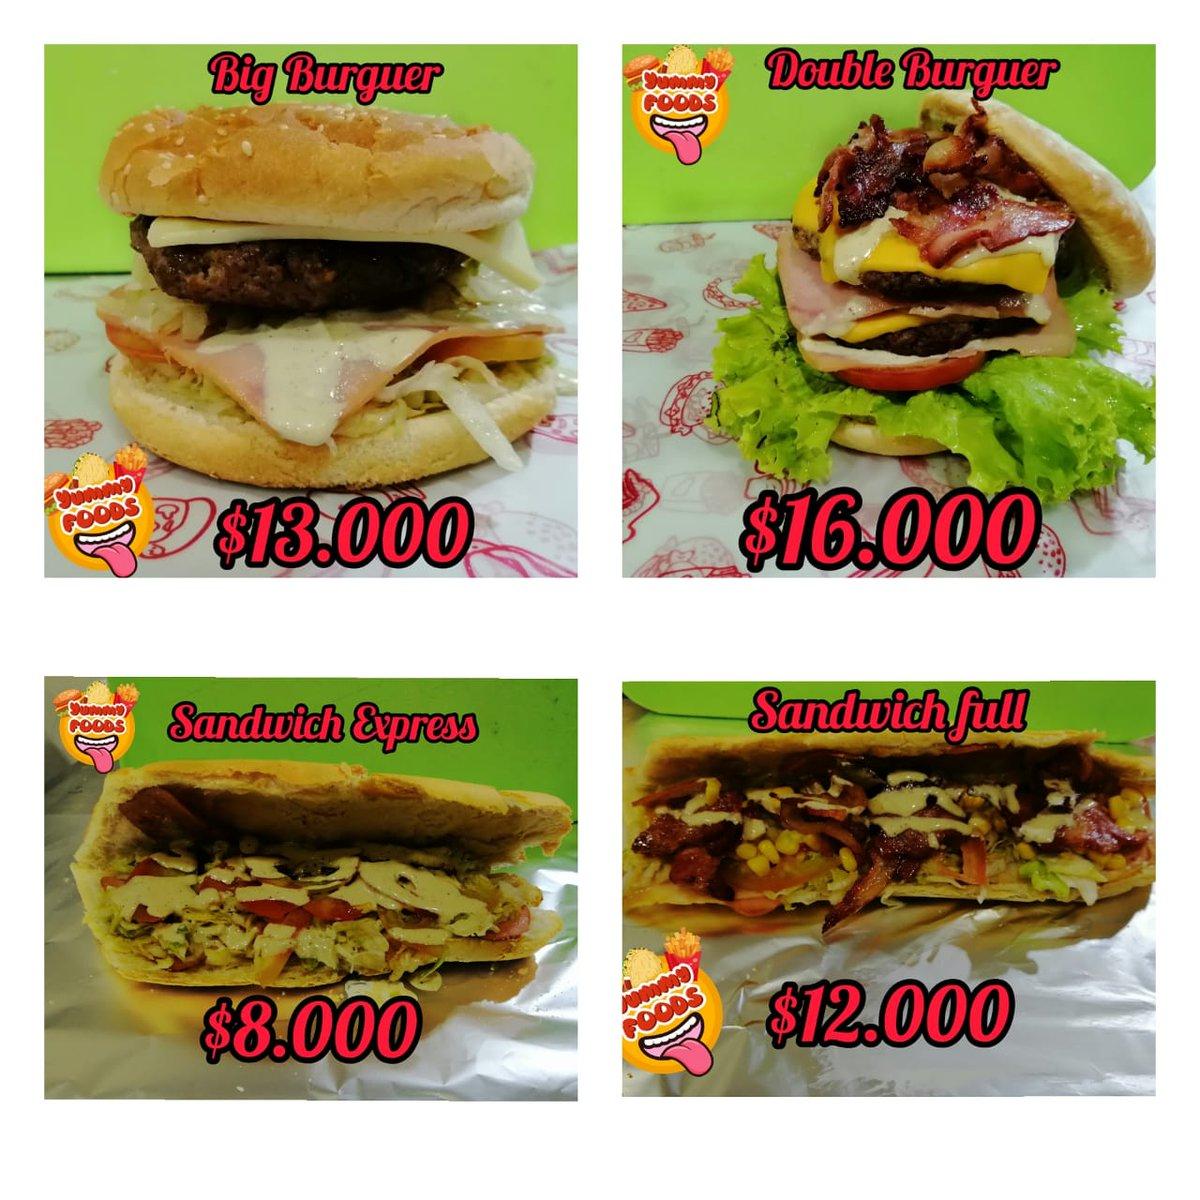 Bueno gente de #Twitter hagan su magia, les ofrezco unas deliciosas hamburguesas y sandwiches este es mi emprendimiento en tiempos de pandemia, servicio a domicilio gratis en Cali... Por favor retwit pic.twitter.com/VBYmZ50COV